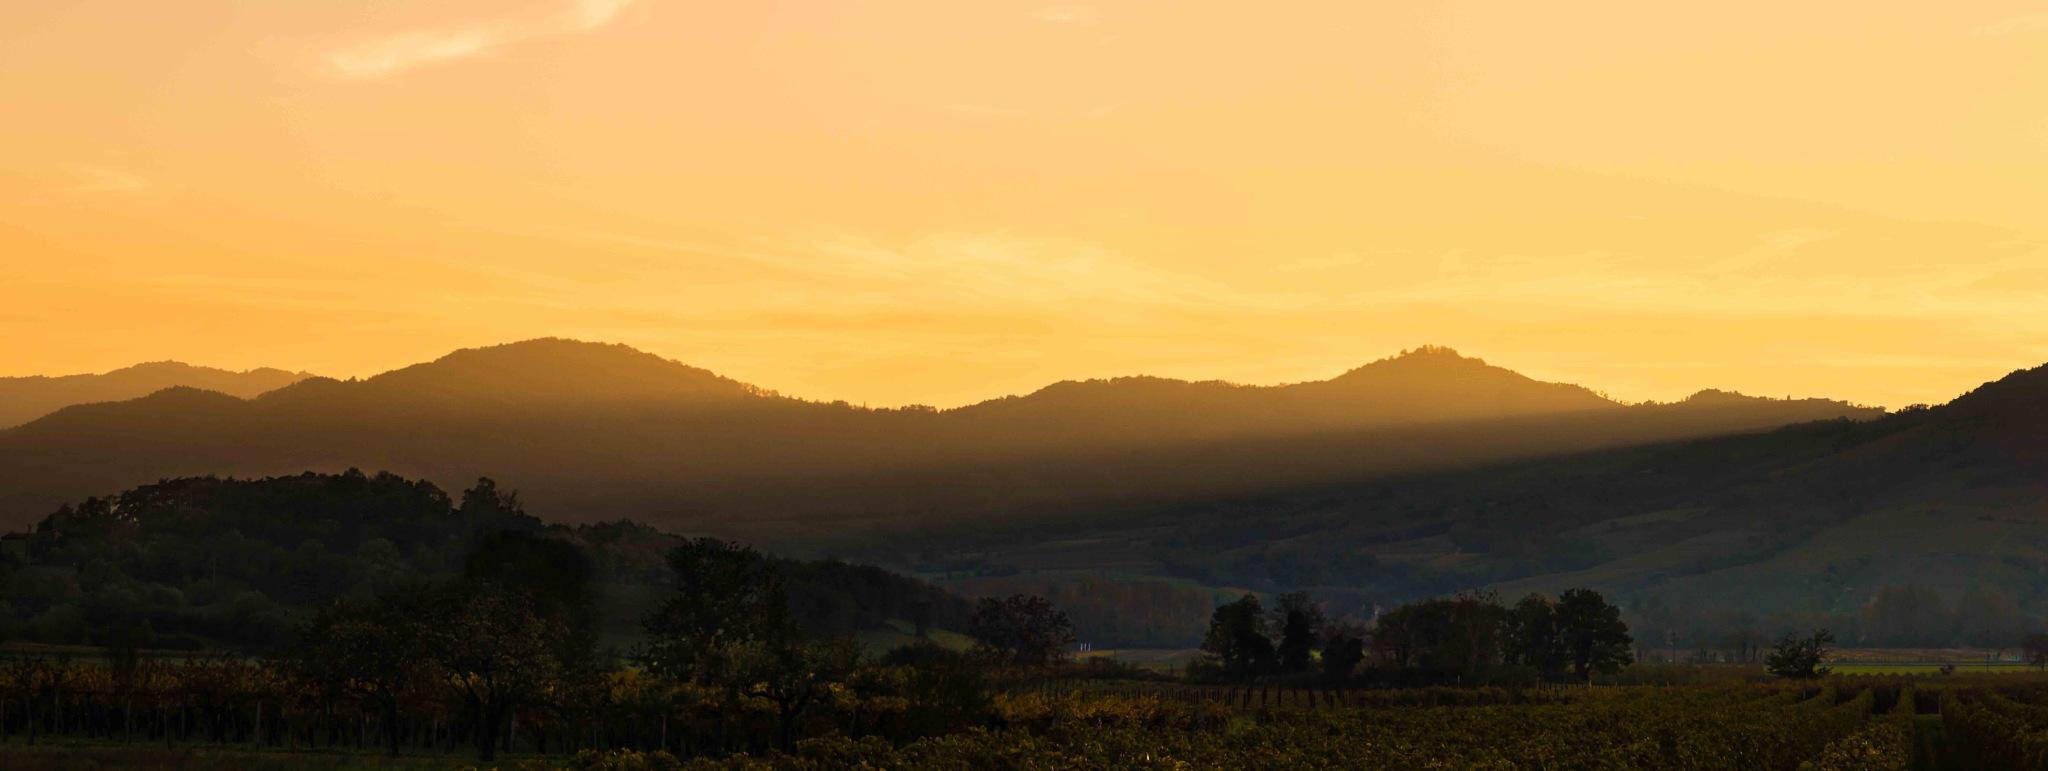 Sunset... by Jan Skočaj